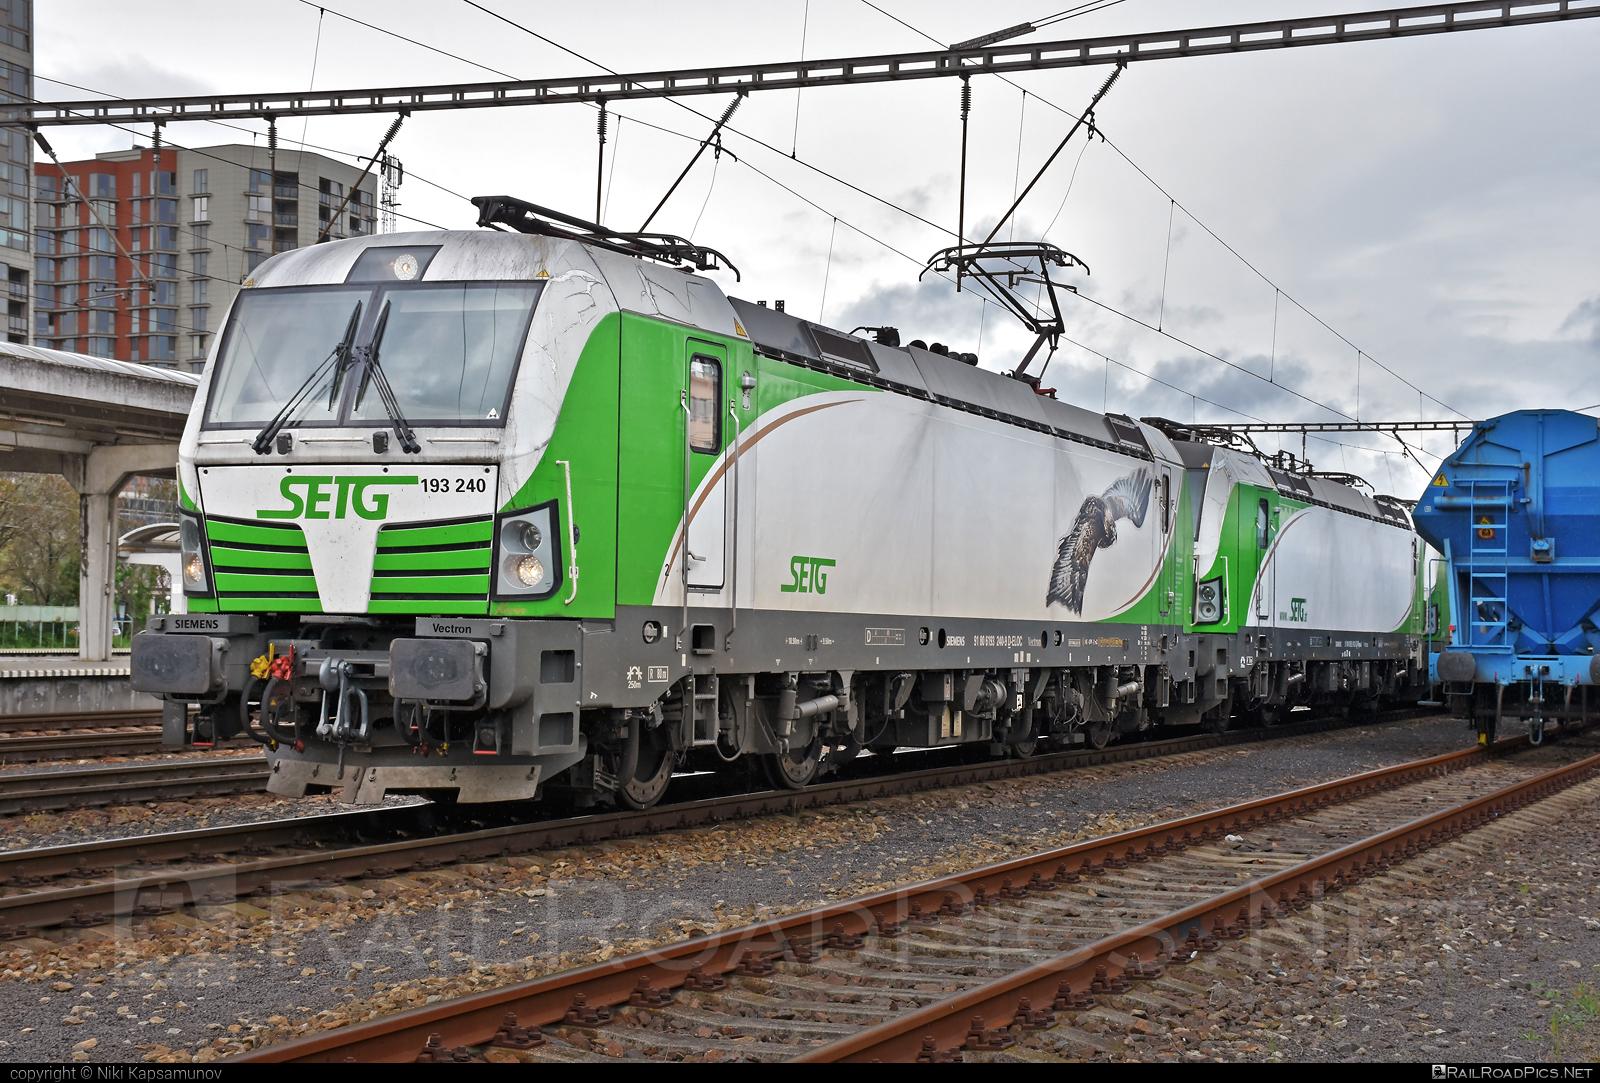 Siemens Vectron AC - 193 240 operated by Salzburger Eisenbahn Transportlogistik GmbH #SalzburgerEisenbahnTransportlogistik #SalzburgerEisenbahnTransportlogistikGmbH #ell #ellgermany #eloc #europeanlocomotiveleasing #setg #siemens #siemensvectron #siemensvectronac #vectron #vectronac